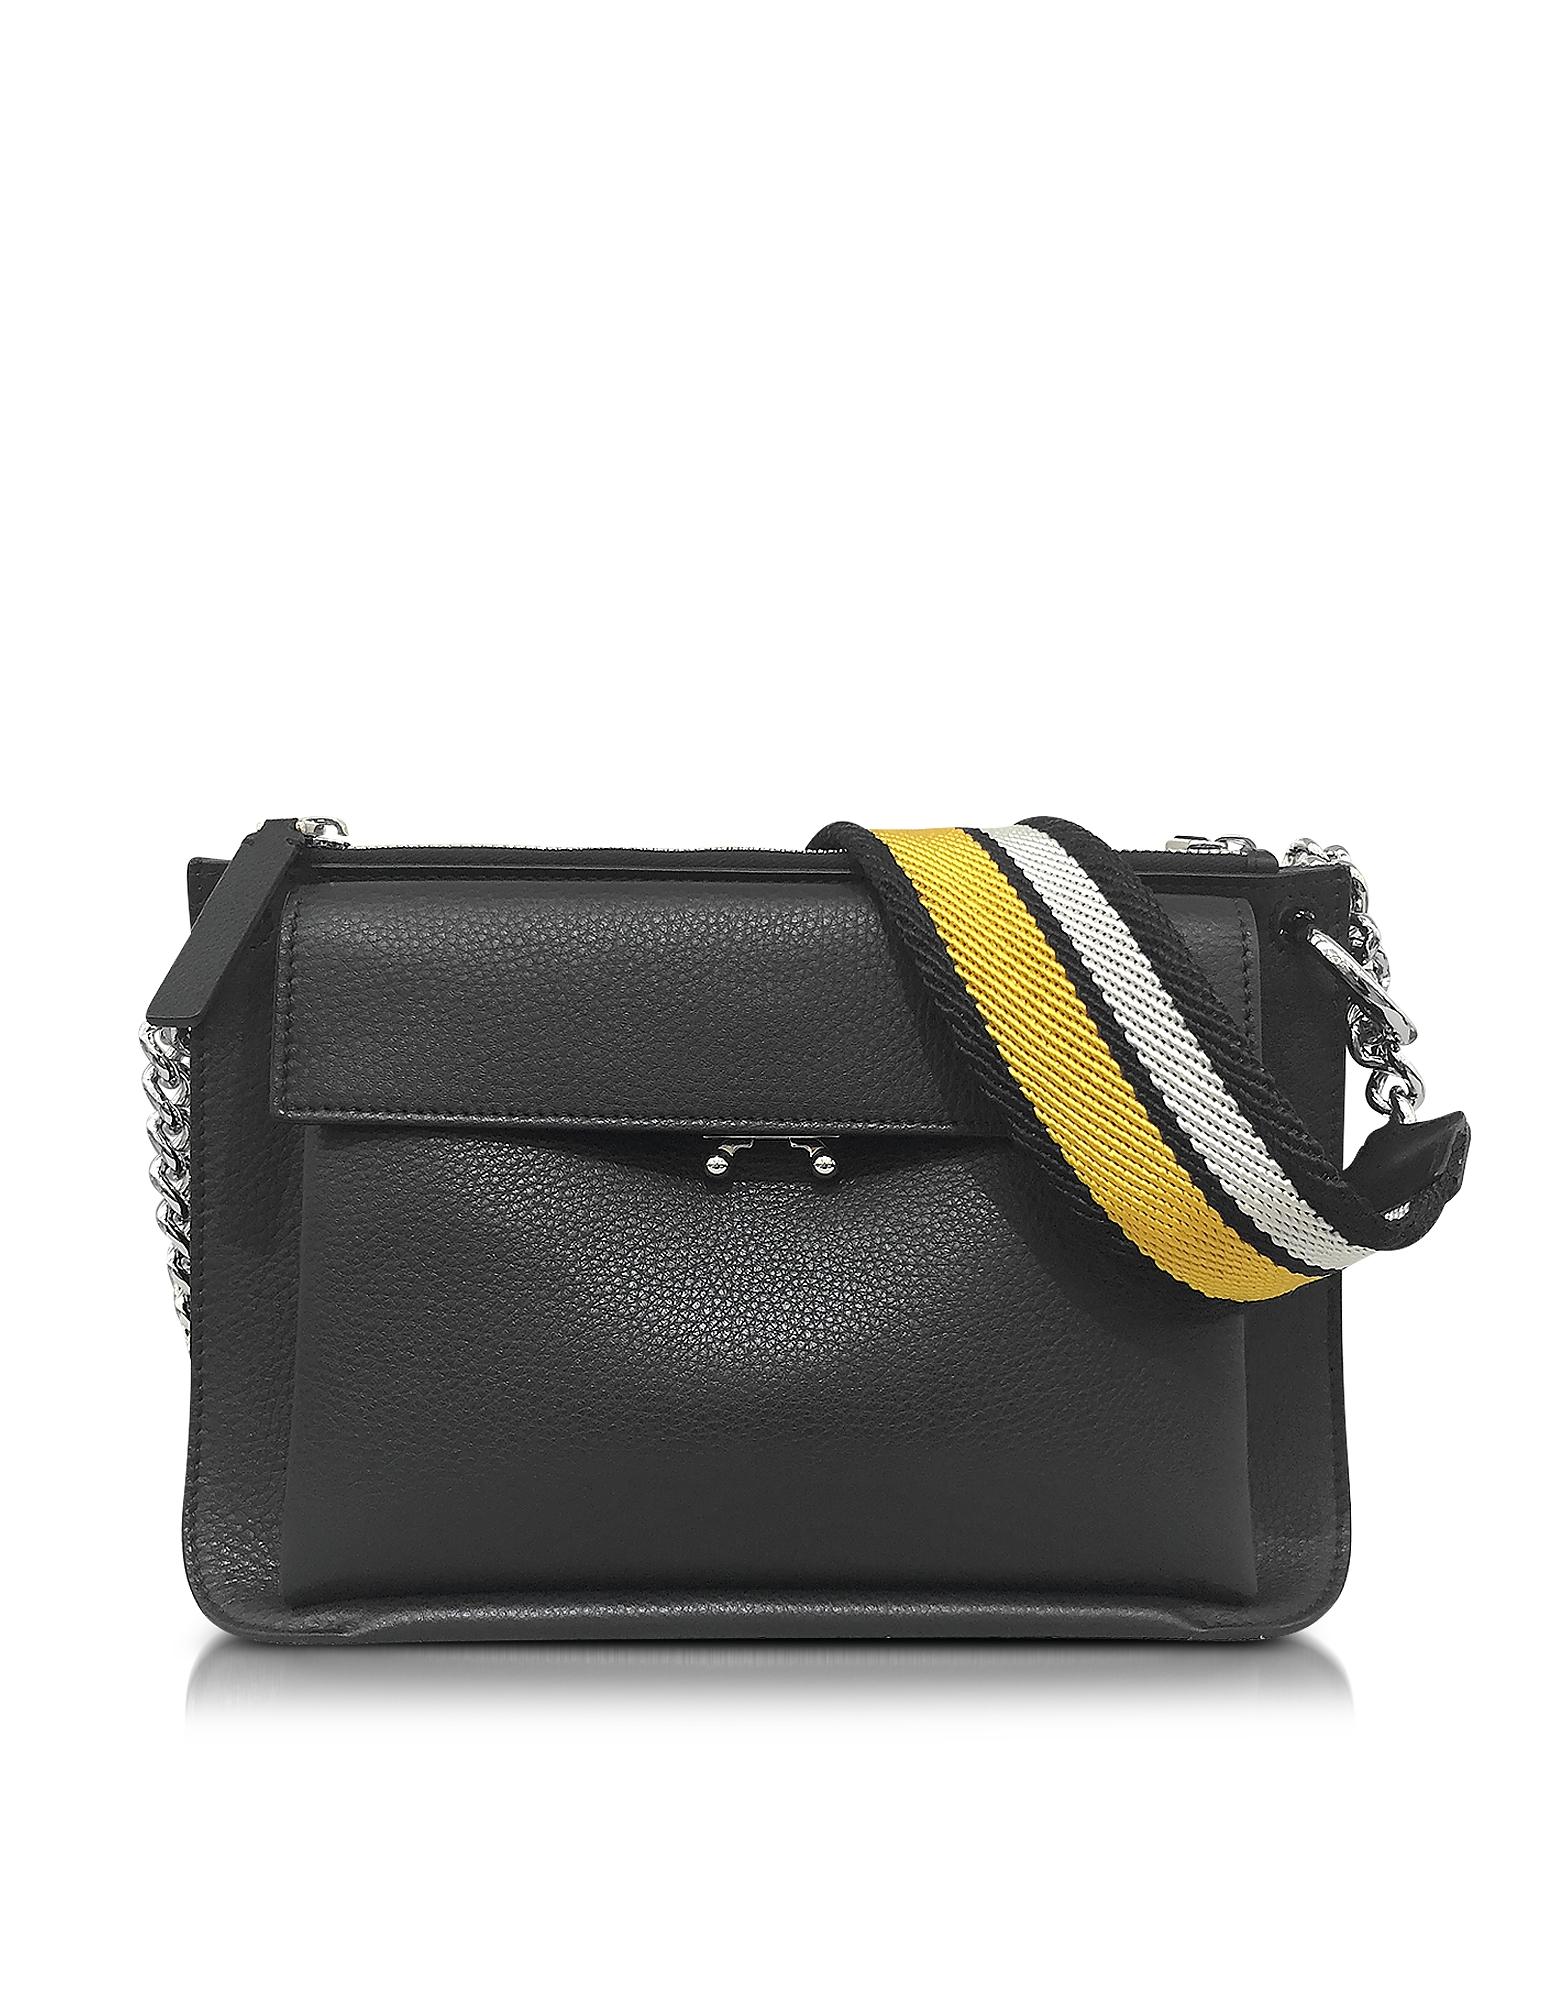 Фото Bandoleer Bag - Большая Черная Кожаная Сумка с Карманом. Купить с доставкой